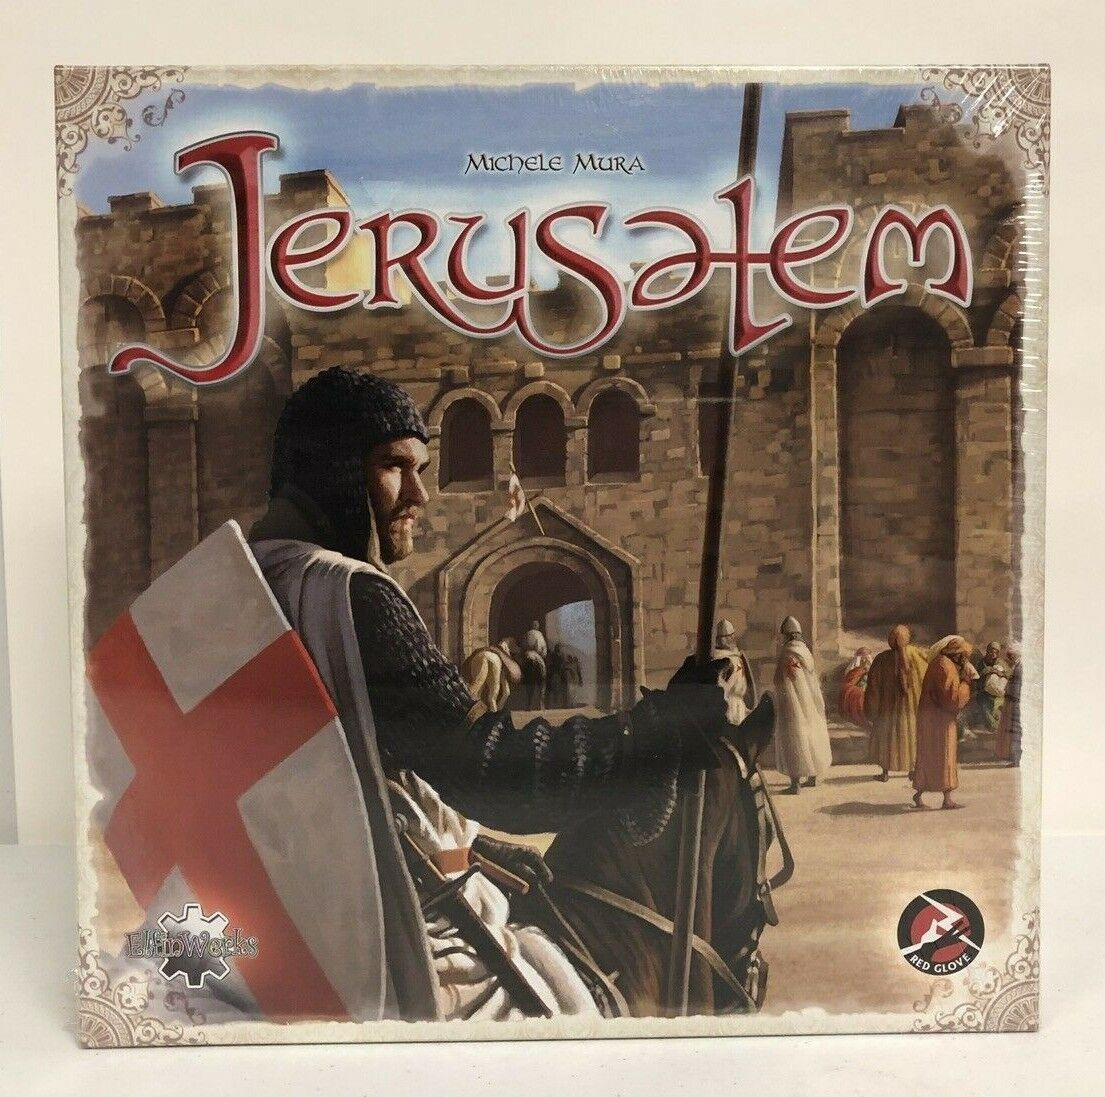 Jerusalem Board Game (Elfinwerks) 2010 Michele Mura RG2009 NIB